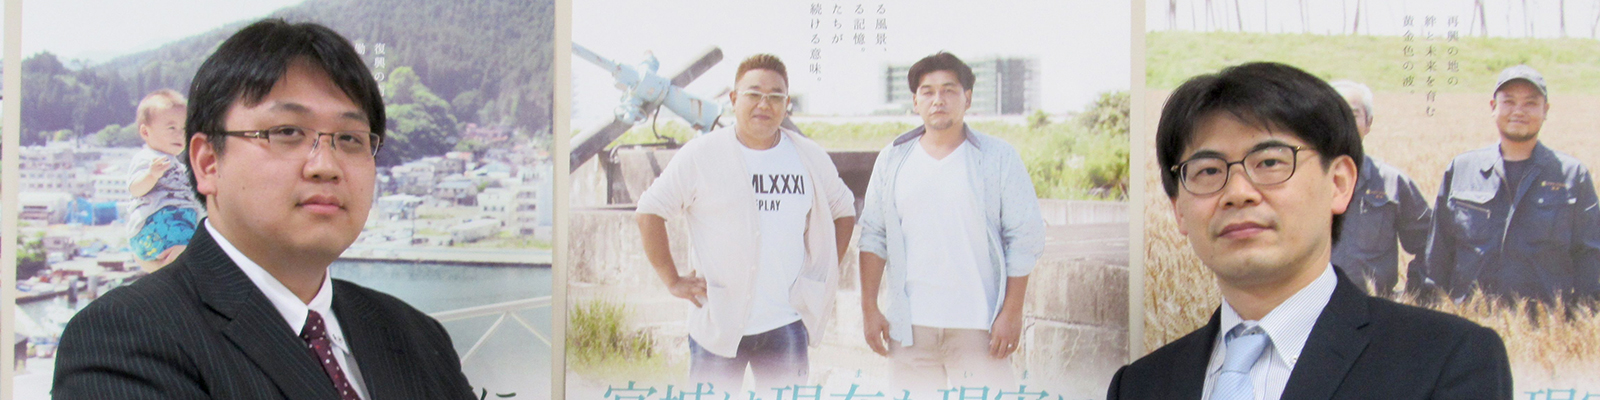 宮城県震災復興企画部政策課担当者: 寺嶋智治氏と松川雅俊氏